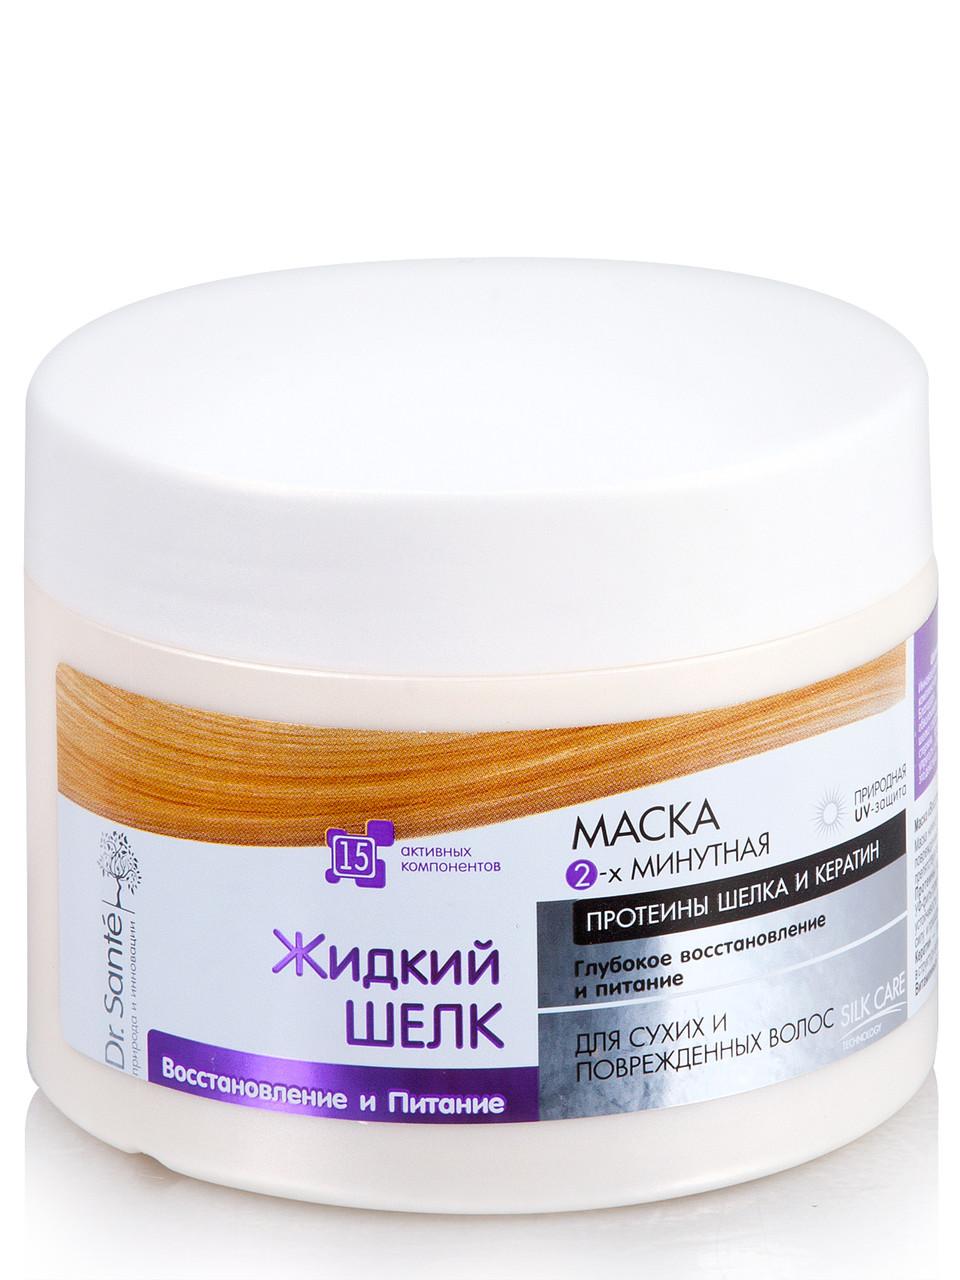 """Жидкий шелк"""" Маска Восстановление и питание  Dr.Sante ,300мл"""